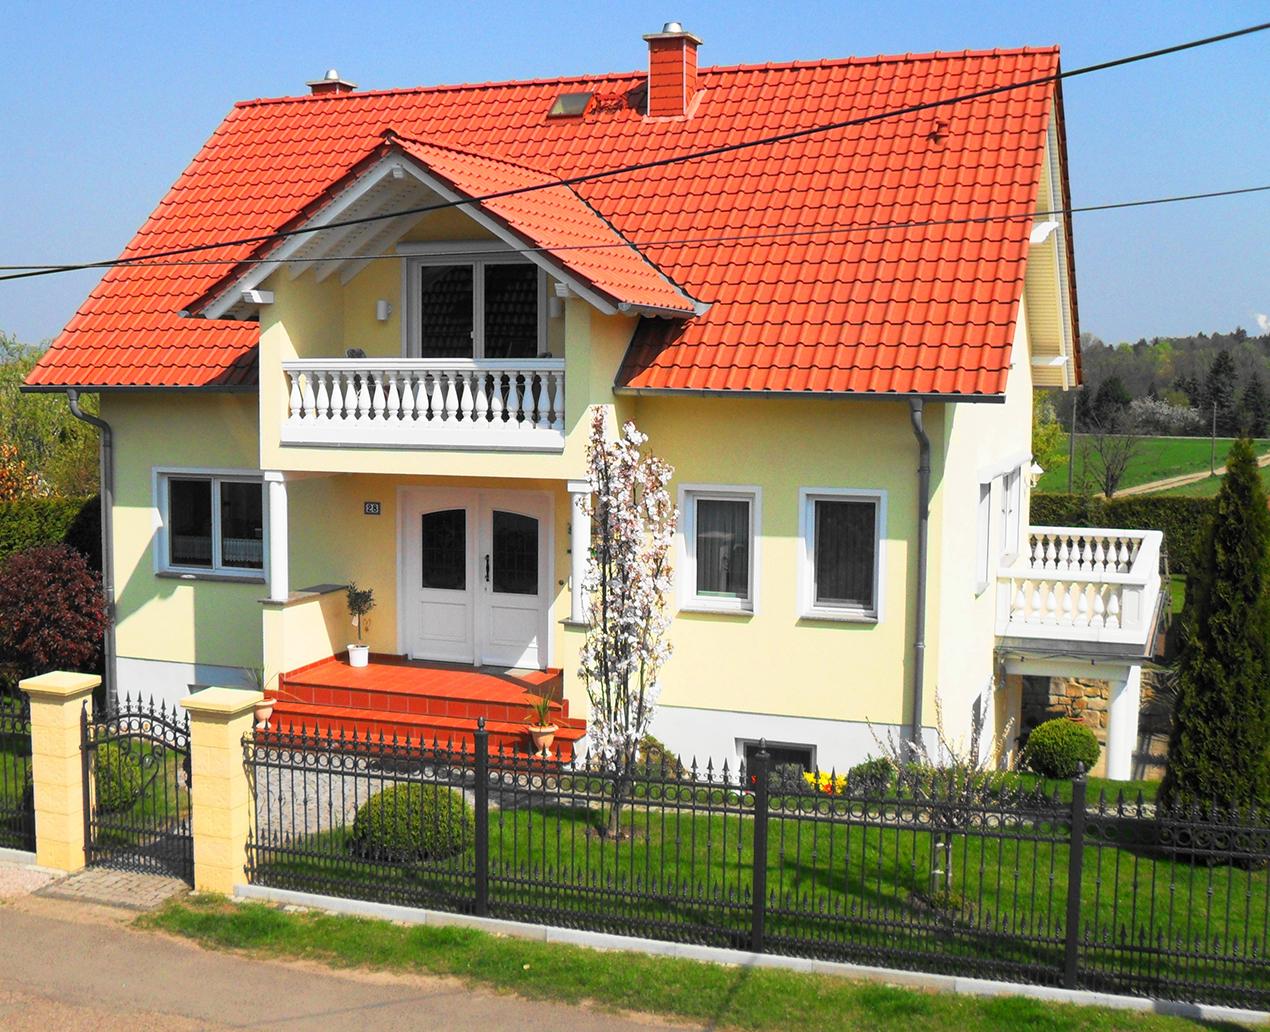 Ferienwohnung in der Goldbacher Siedlung